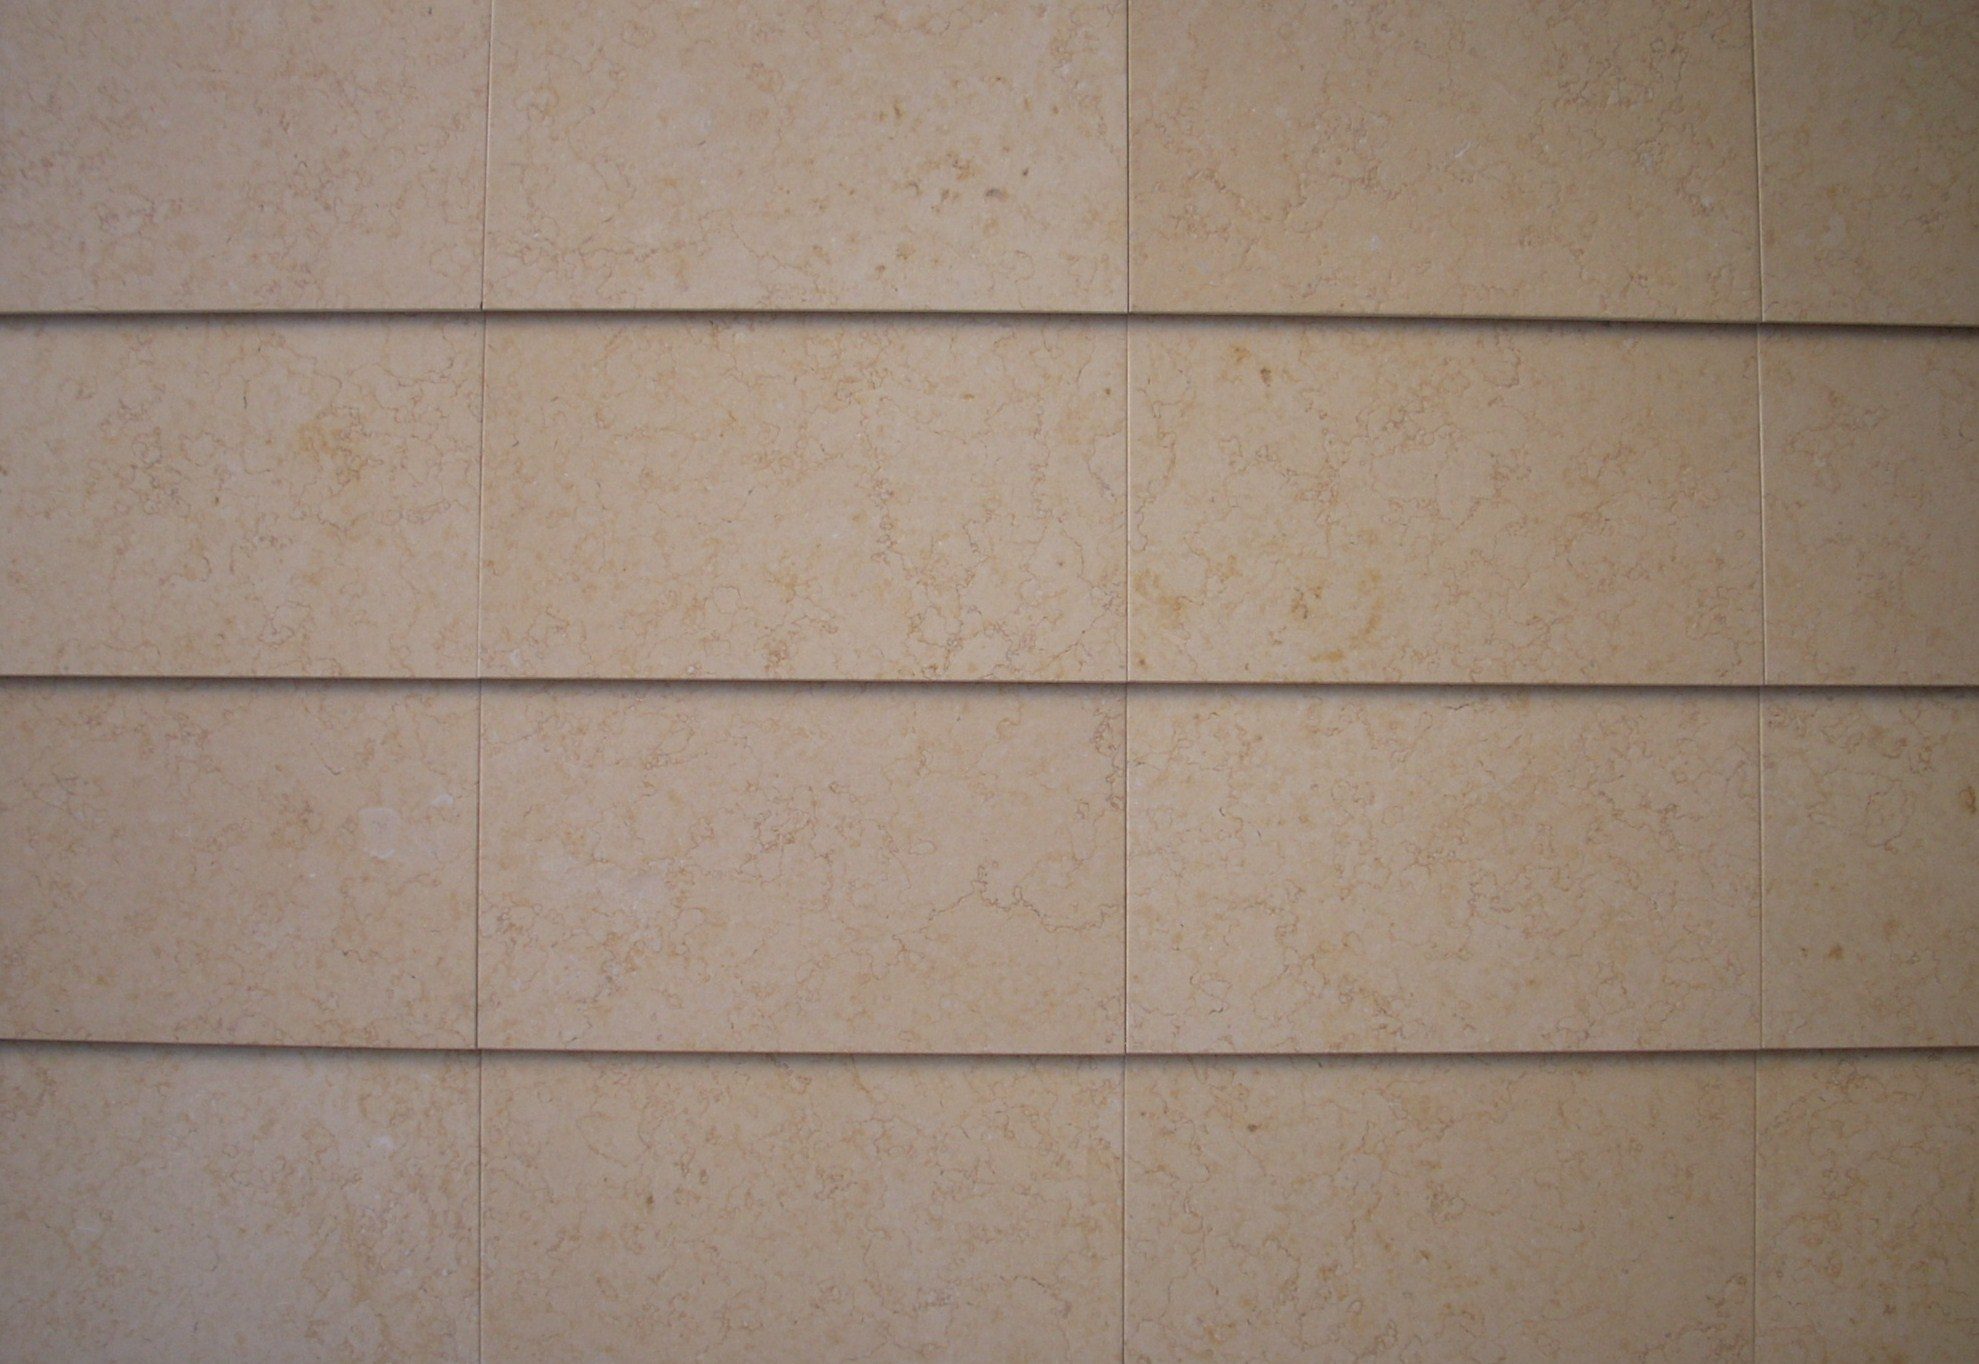 Jornada t cnica sobre fachadas ventiladas en piedra - Fachadas ventiladas de piedra ...